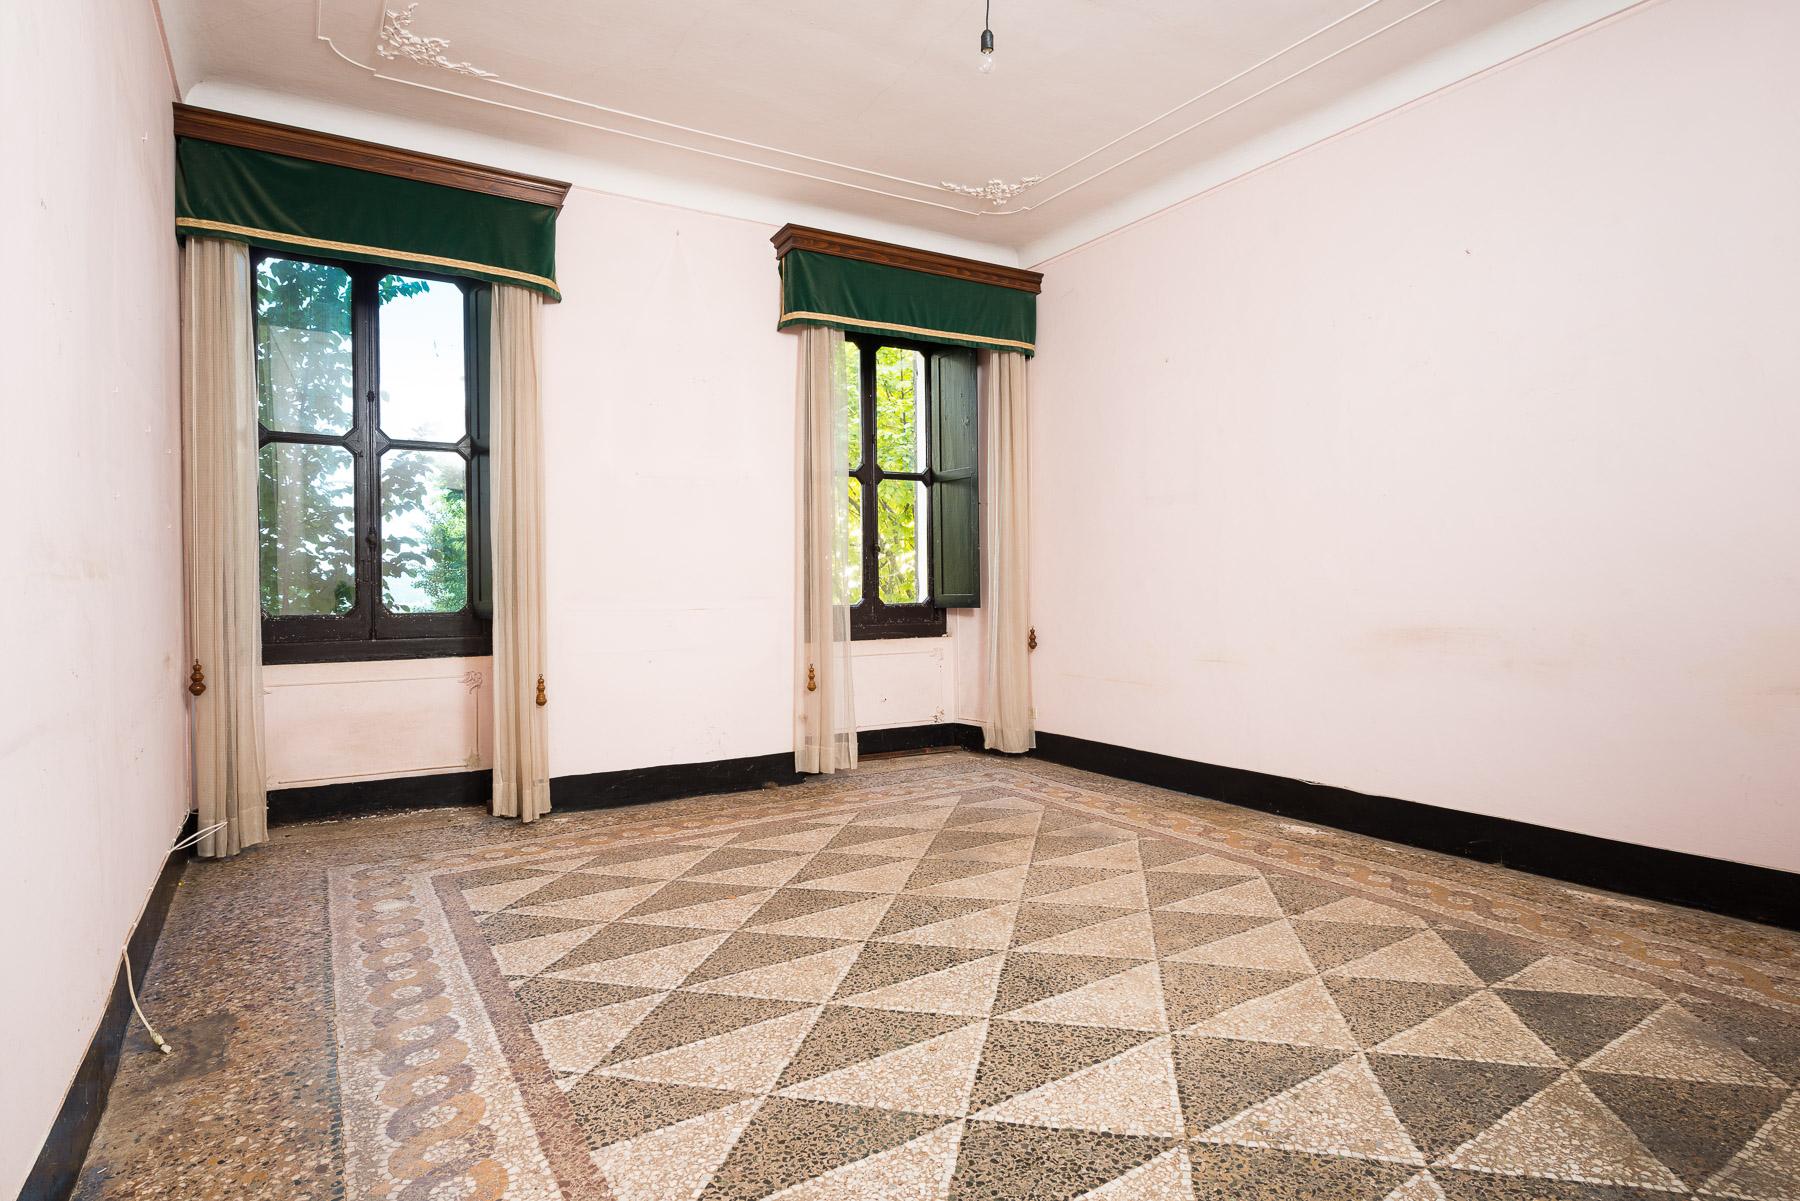 Villa in Vendita a Tagliolo Monferrato: 5 locali, 1350 mq - Foto 9